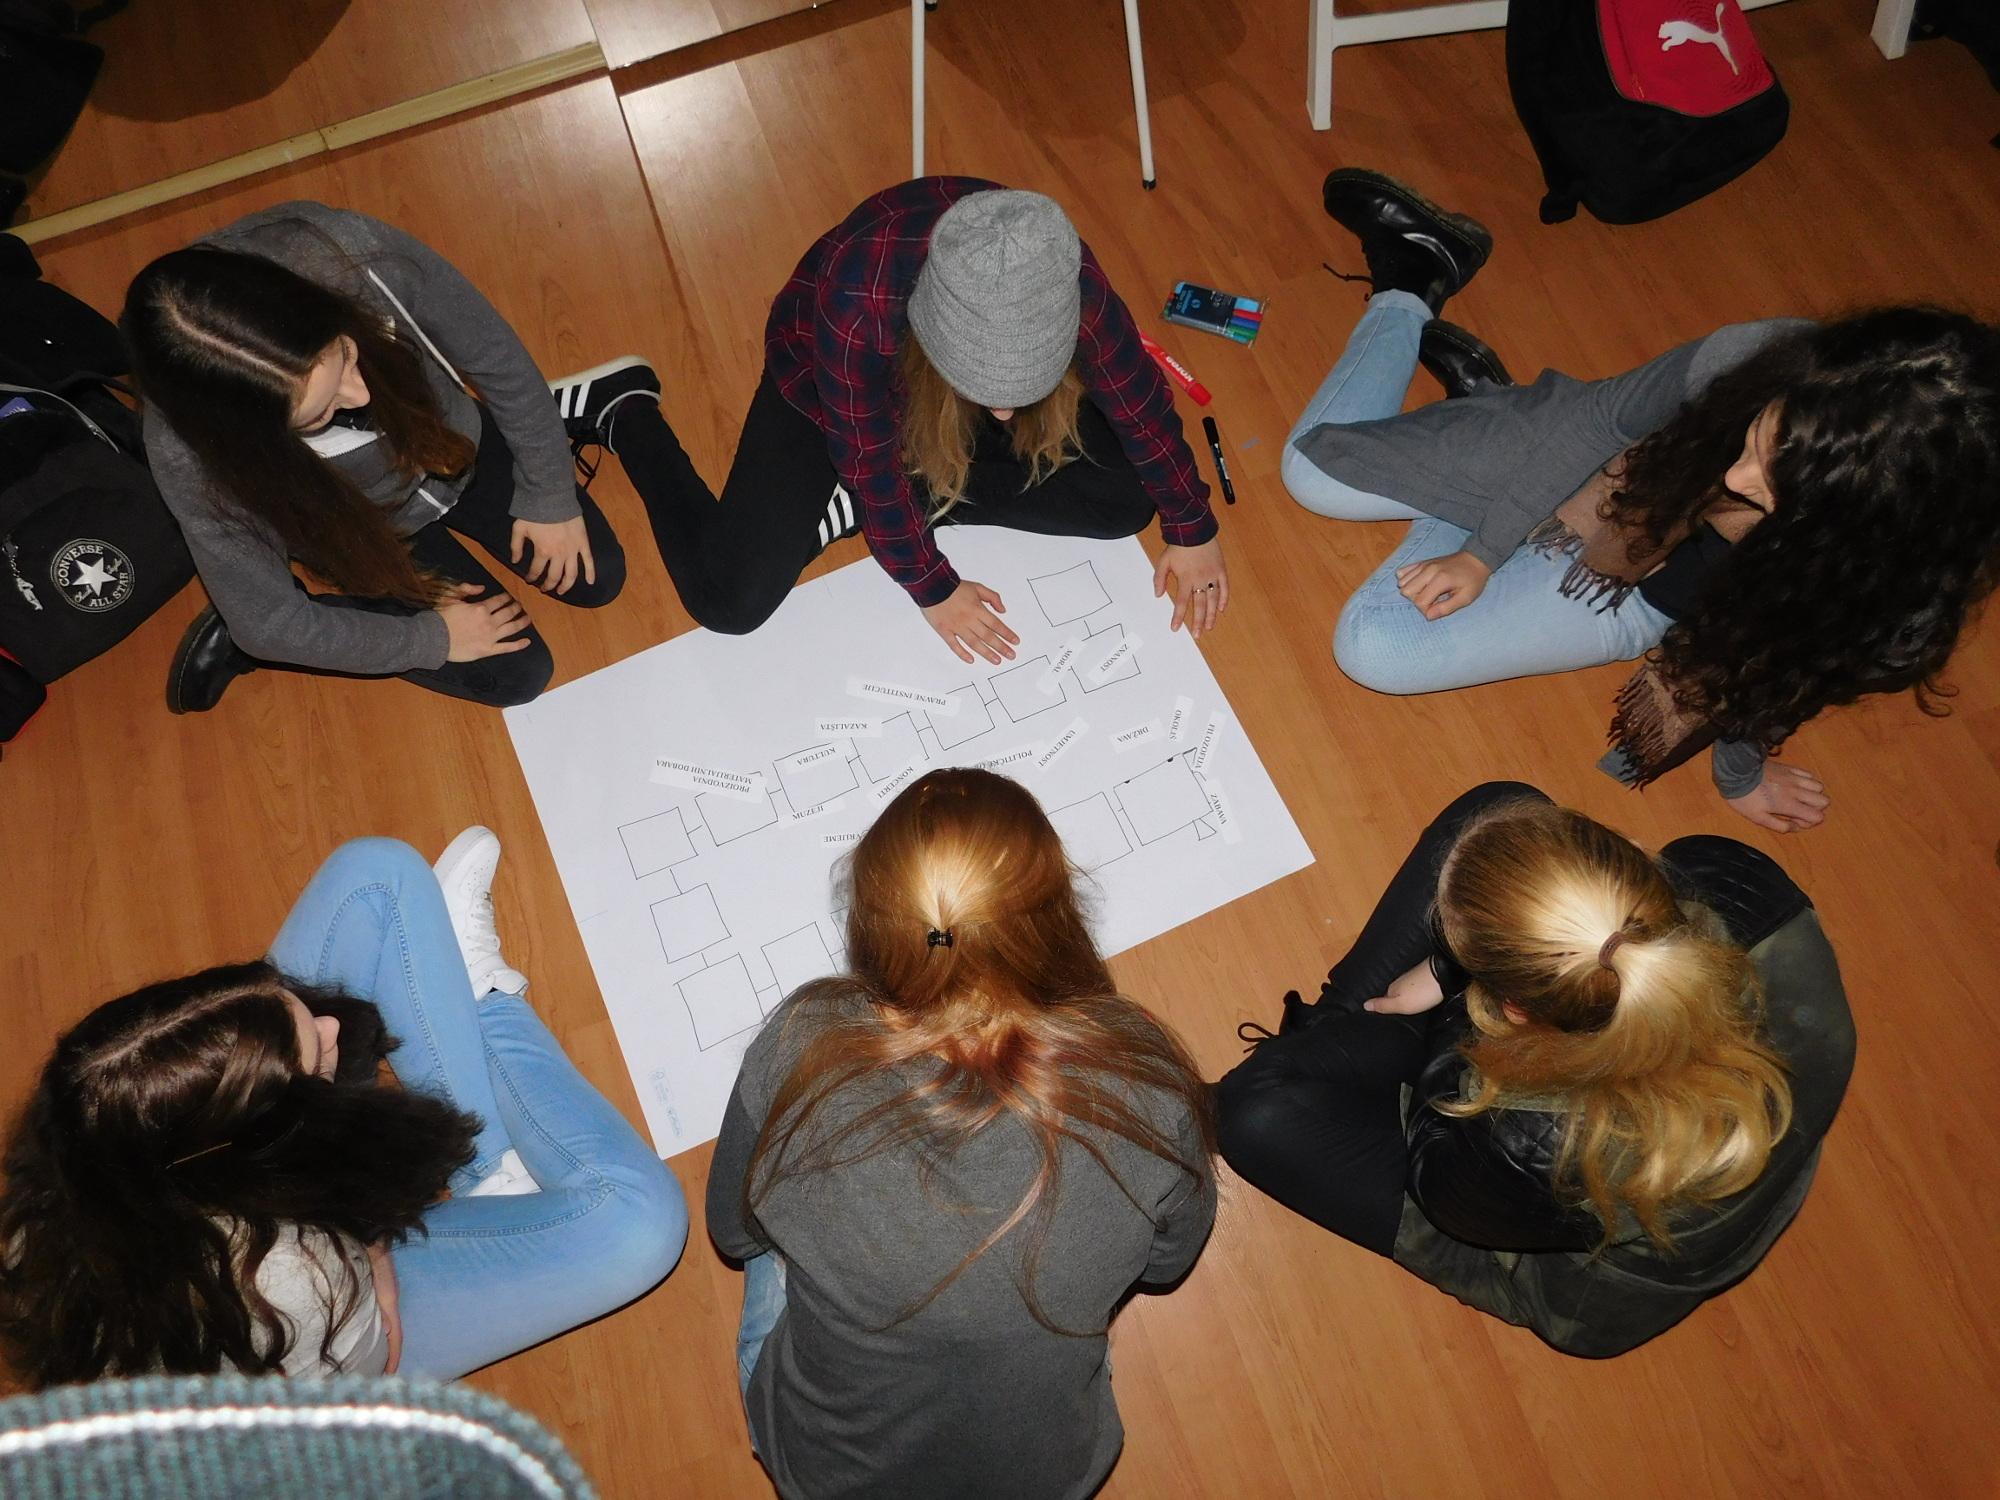 """Radionica """"Aktivno građanstvo i građanska participacija"""" održana je 19. veljače 2016. godine u Maloj urbanoj zajednici u Karlovcu u sklopu projekta """"Mladi u javnim prostorima"""". Foto: KA-MATRIX"""